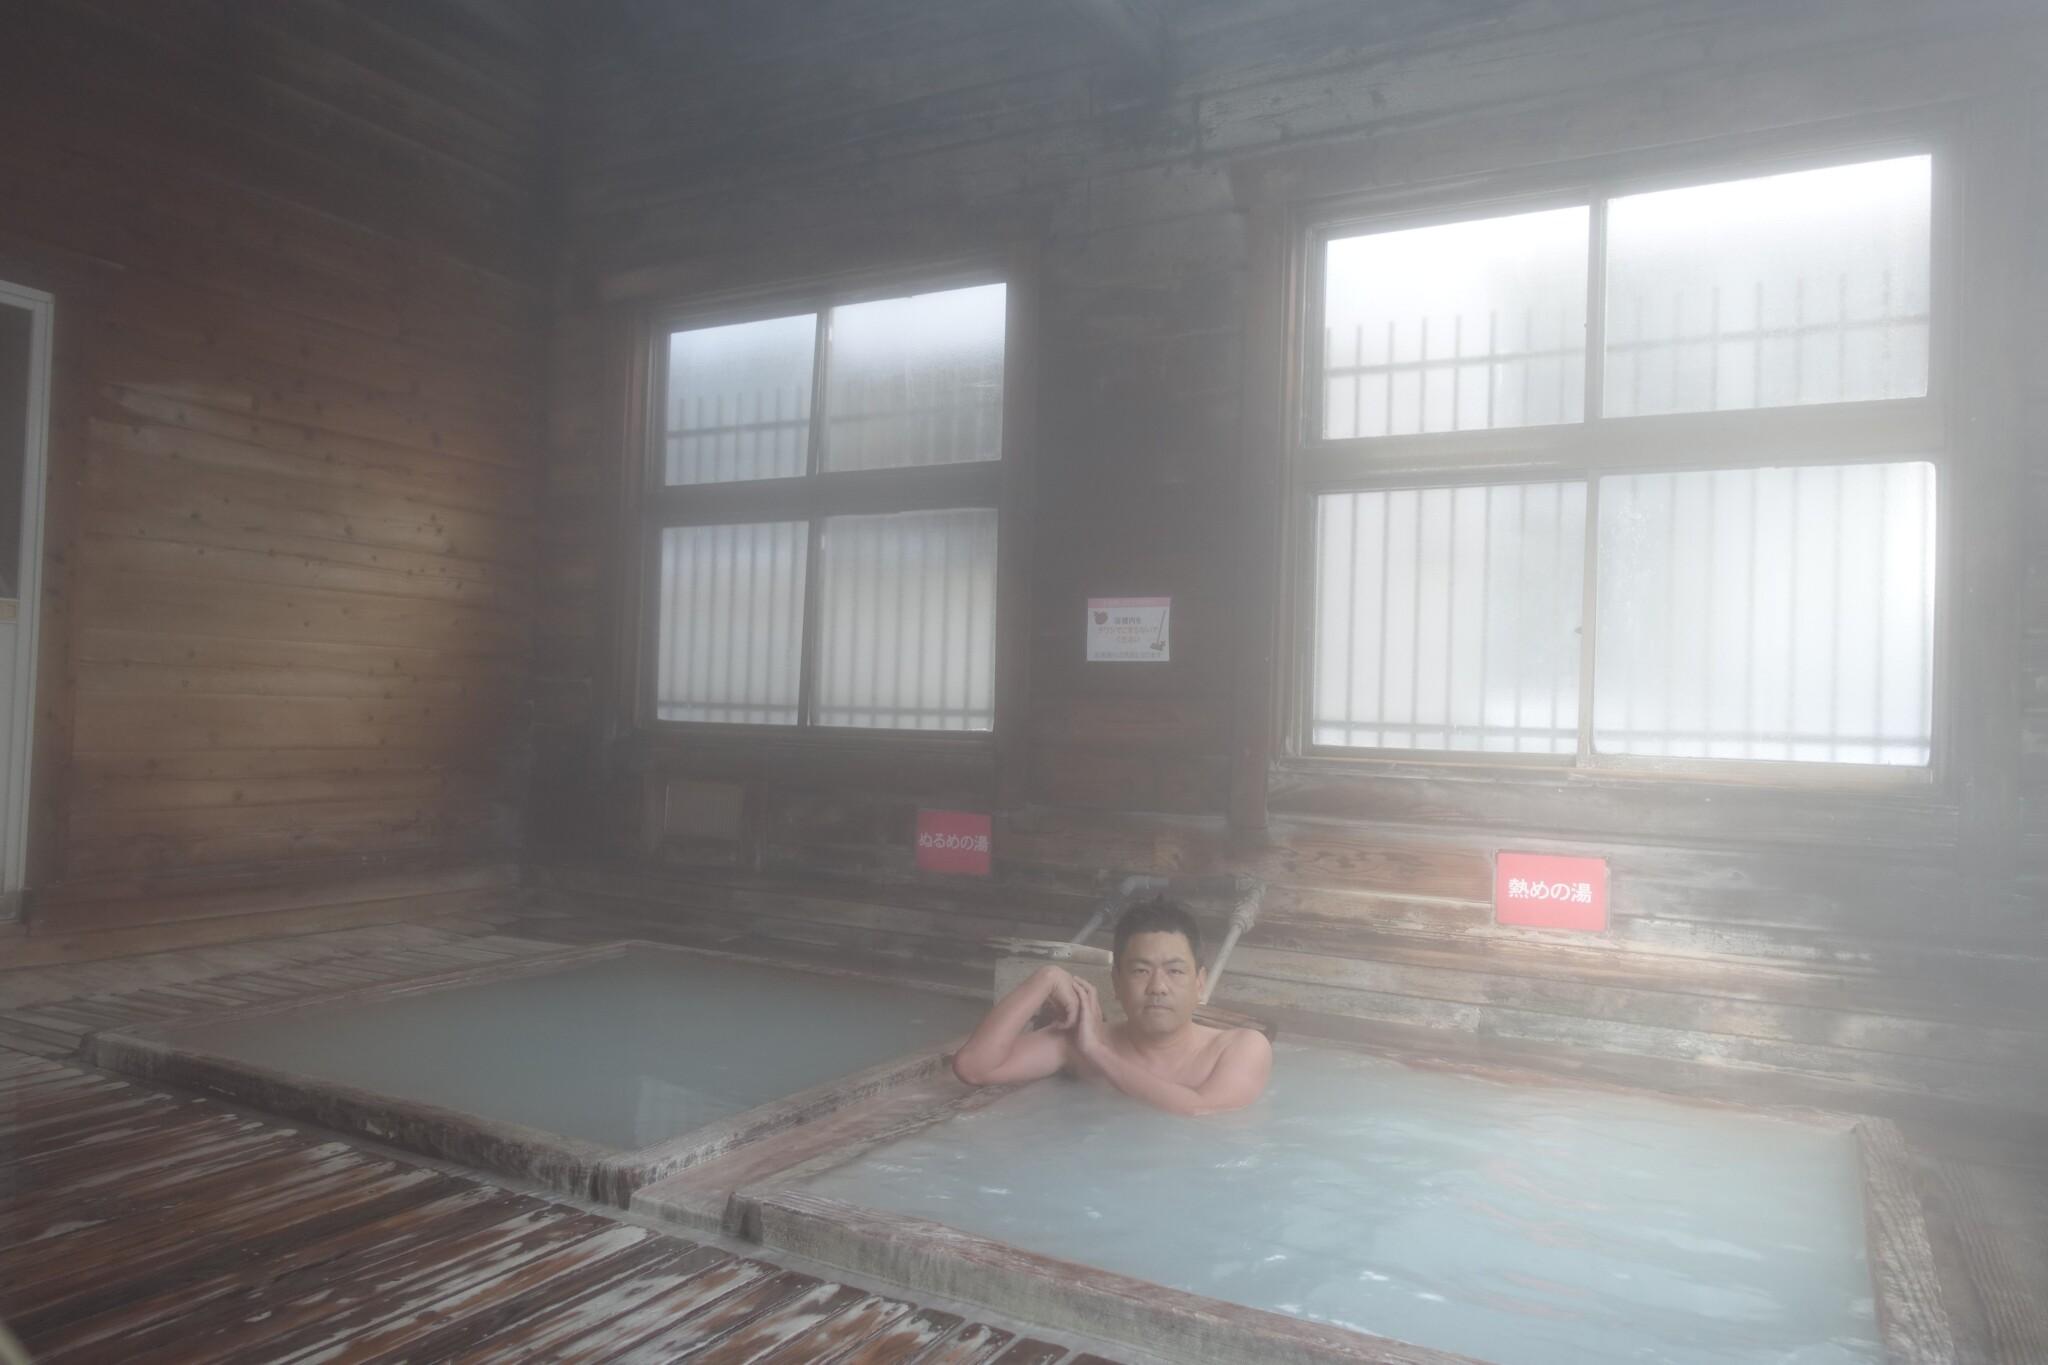 ふたたび温泉療養に戻る【那須湯本療養2】(その1~7)